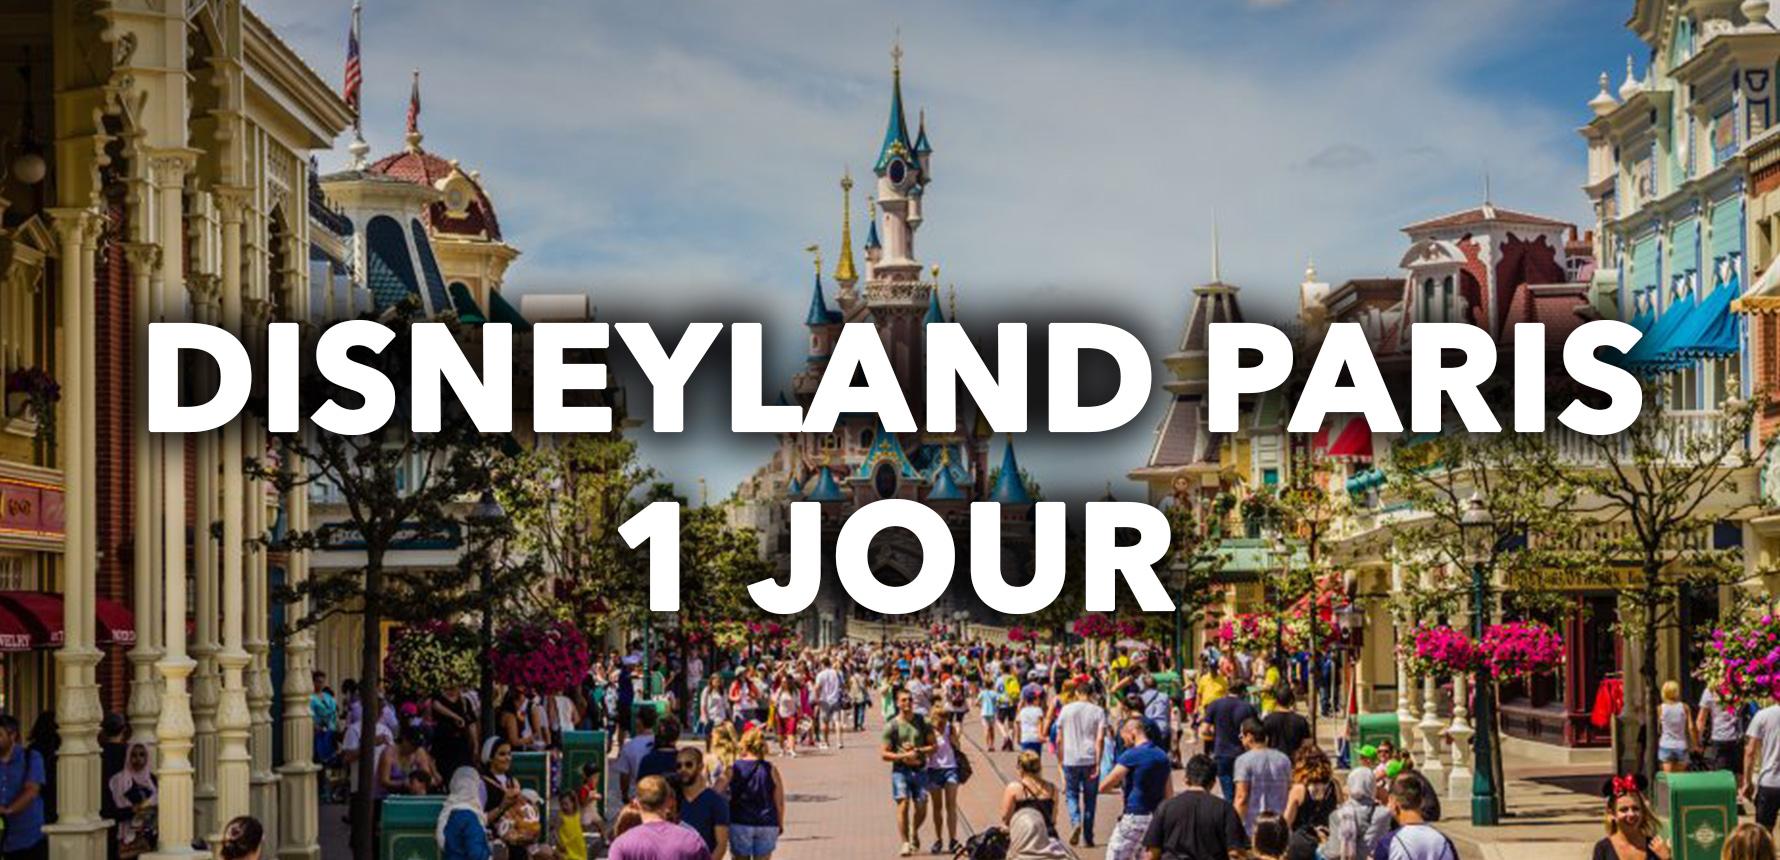 Disneyland Paris en 1 jour